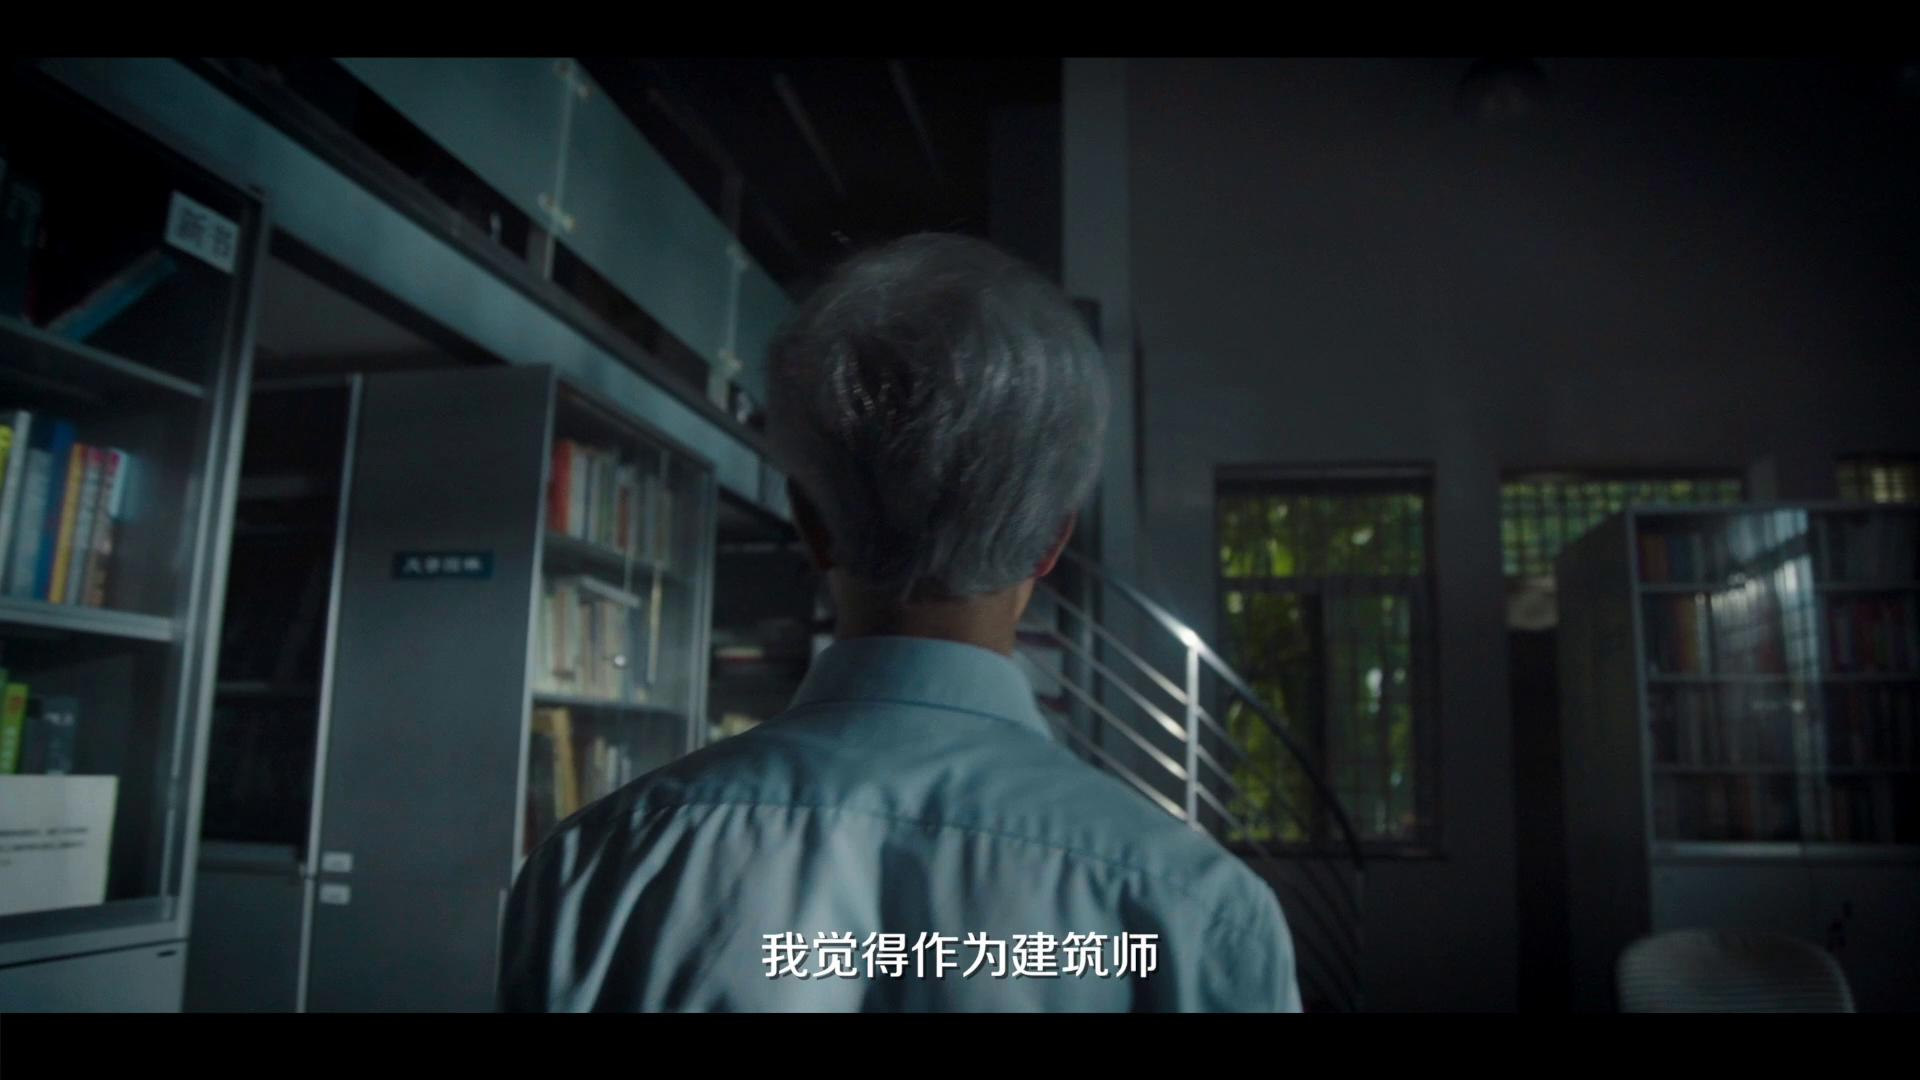 【公益宣传短片】何镜堂视频(30S)